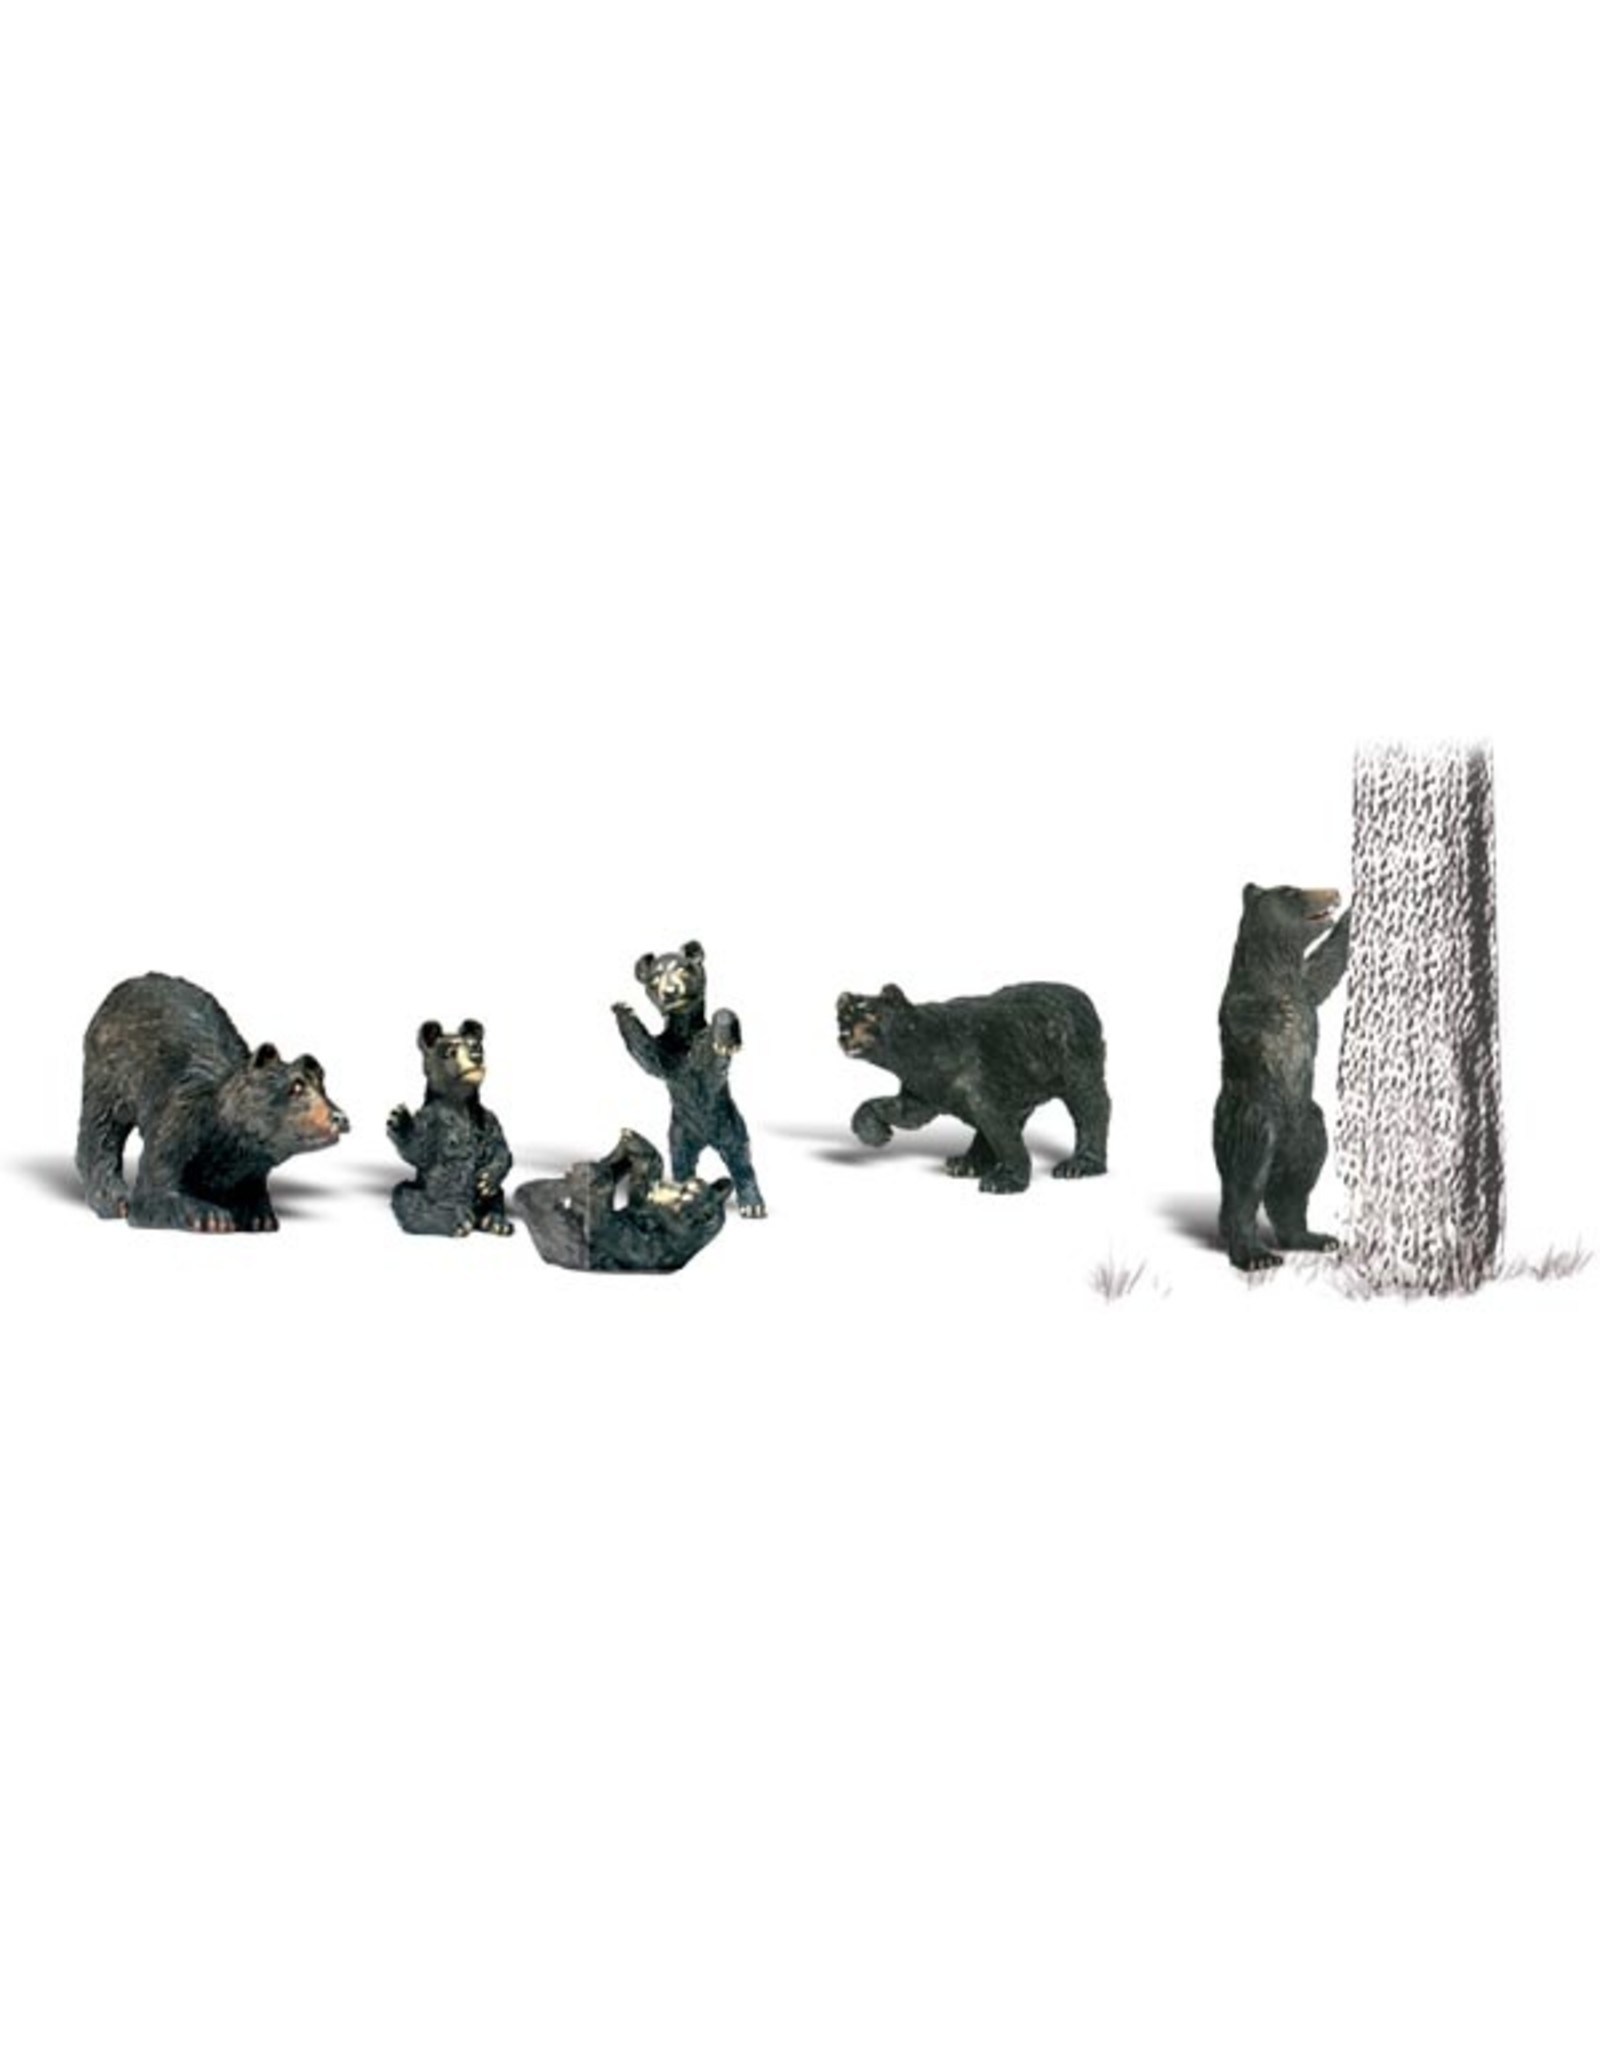 Woodland Scenics Black Bears HO